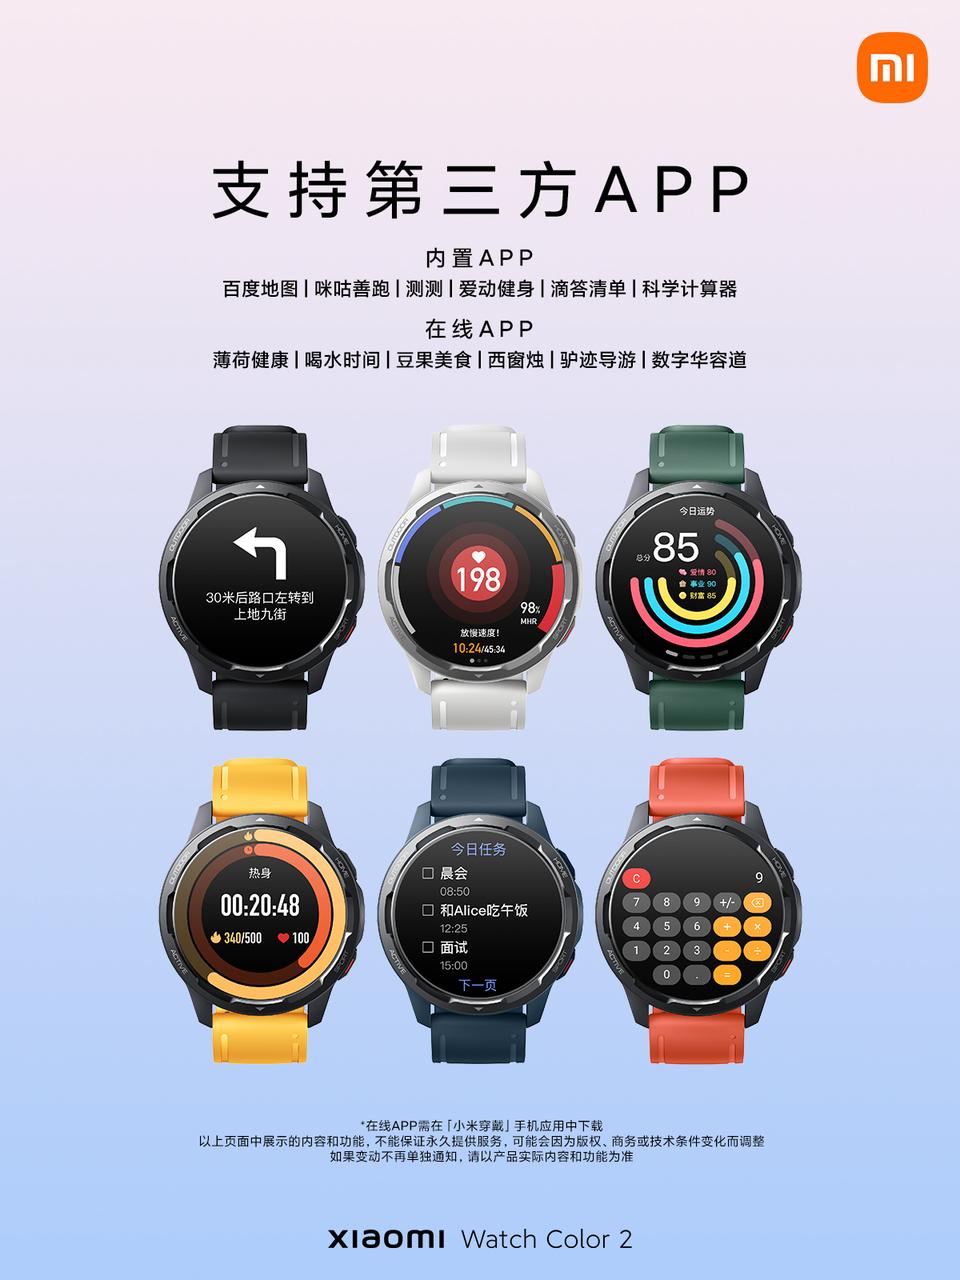 899元 小米手表Color 2发布:支持第三方App